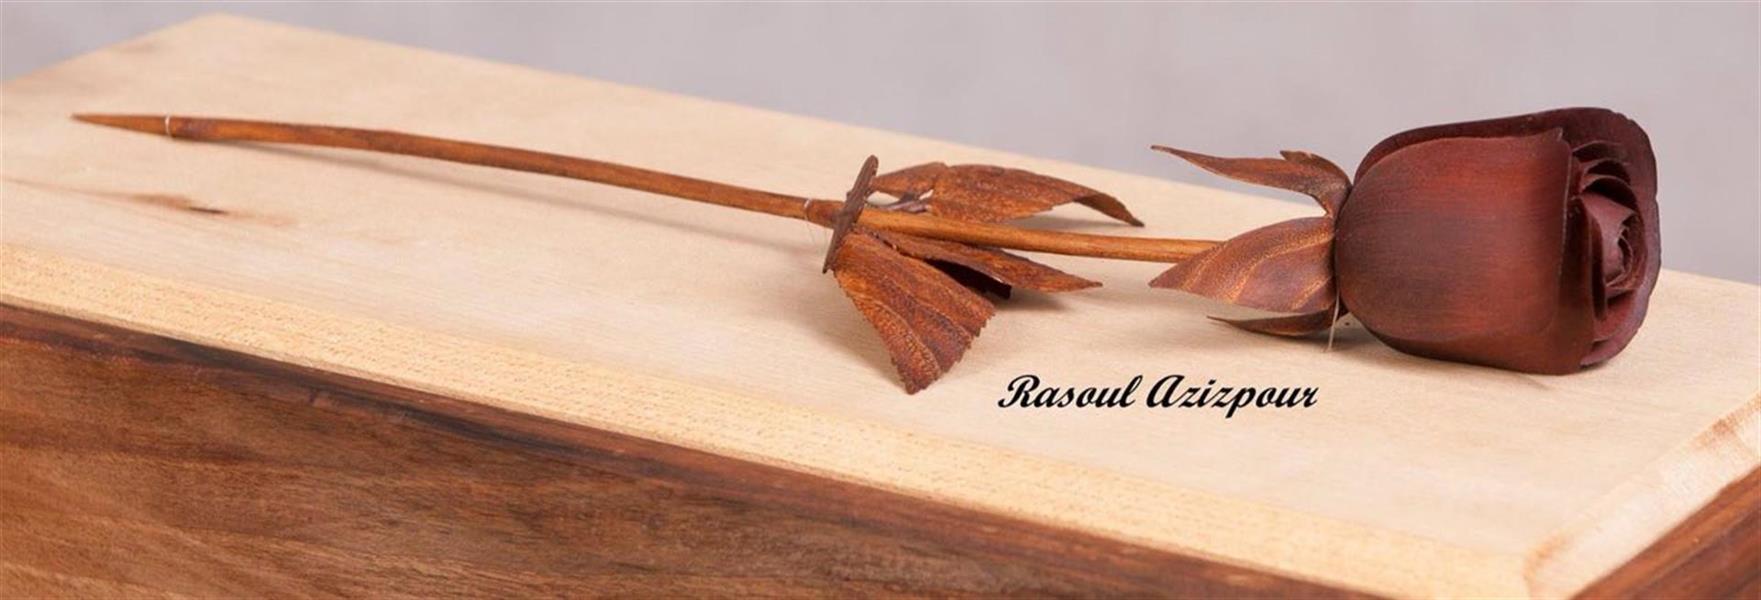 هنر سایر محفل سایر هنر ها رسول عزیزپور شاخه گل رز گلبرگ از چوب عناب یکپارچه و شاخ و  برگ از چوب اقاقیا یکپارچه با ابزار دستى کنده کارى شده است